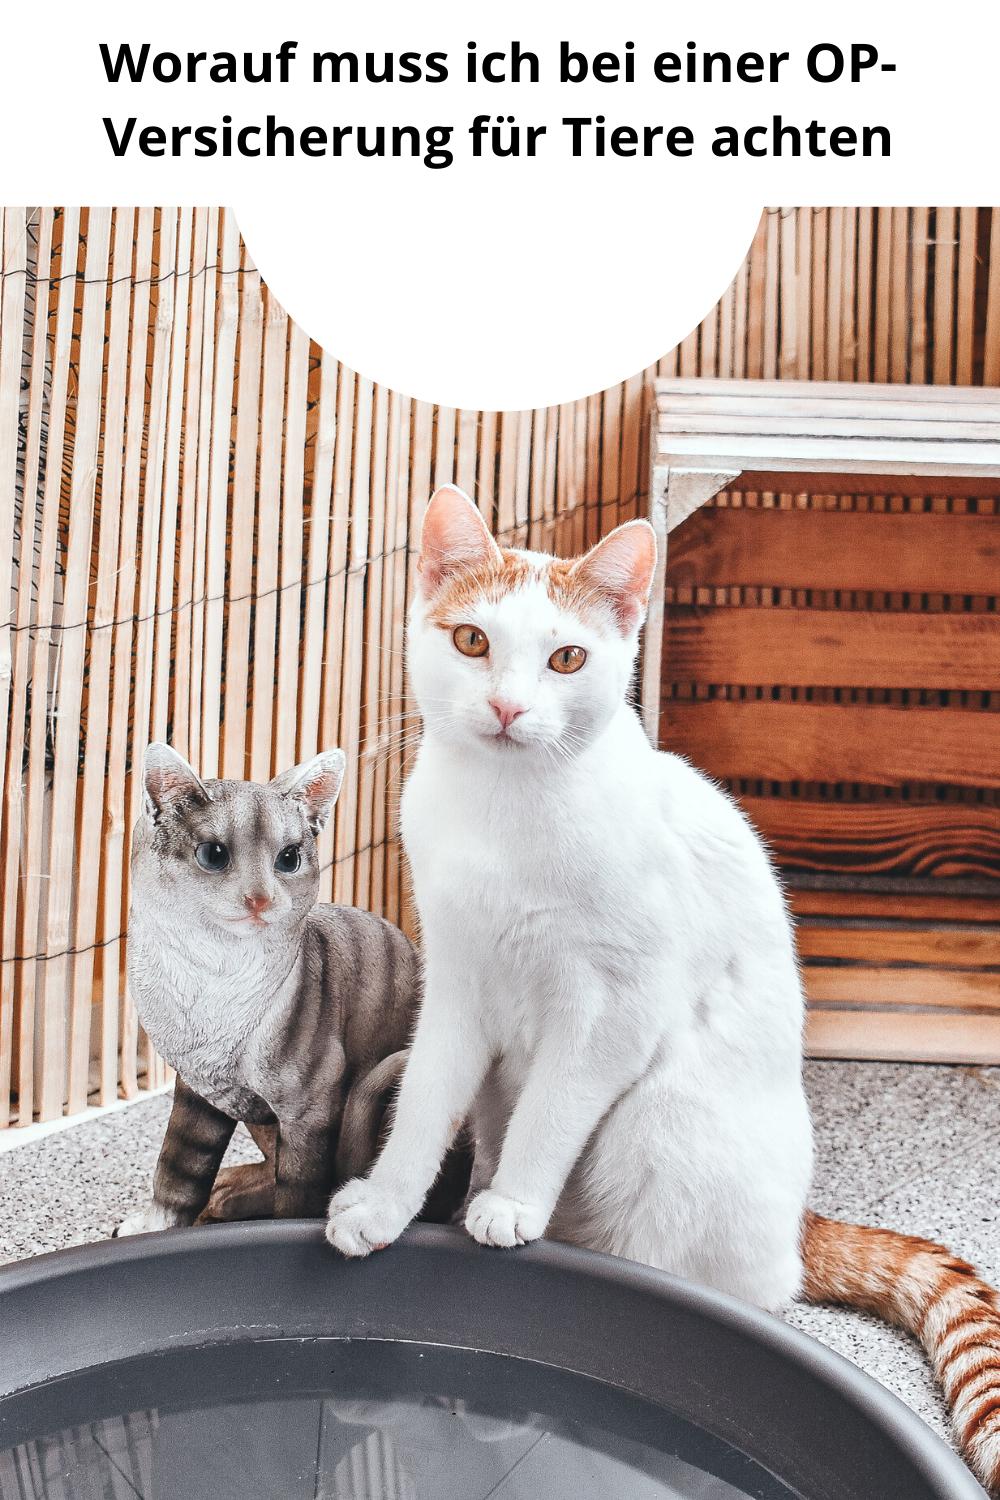 Anzeige Wenn Katzen Krank Werden Und Wie Man Sich Zumindest Finanziell Absichern Kann Calistas Traum Katzen Tiere Haustiere